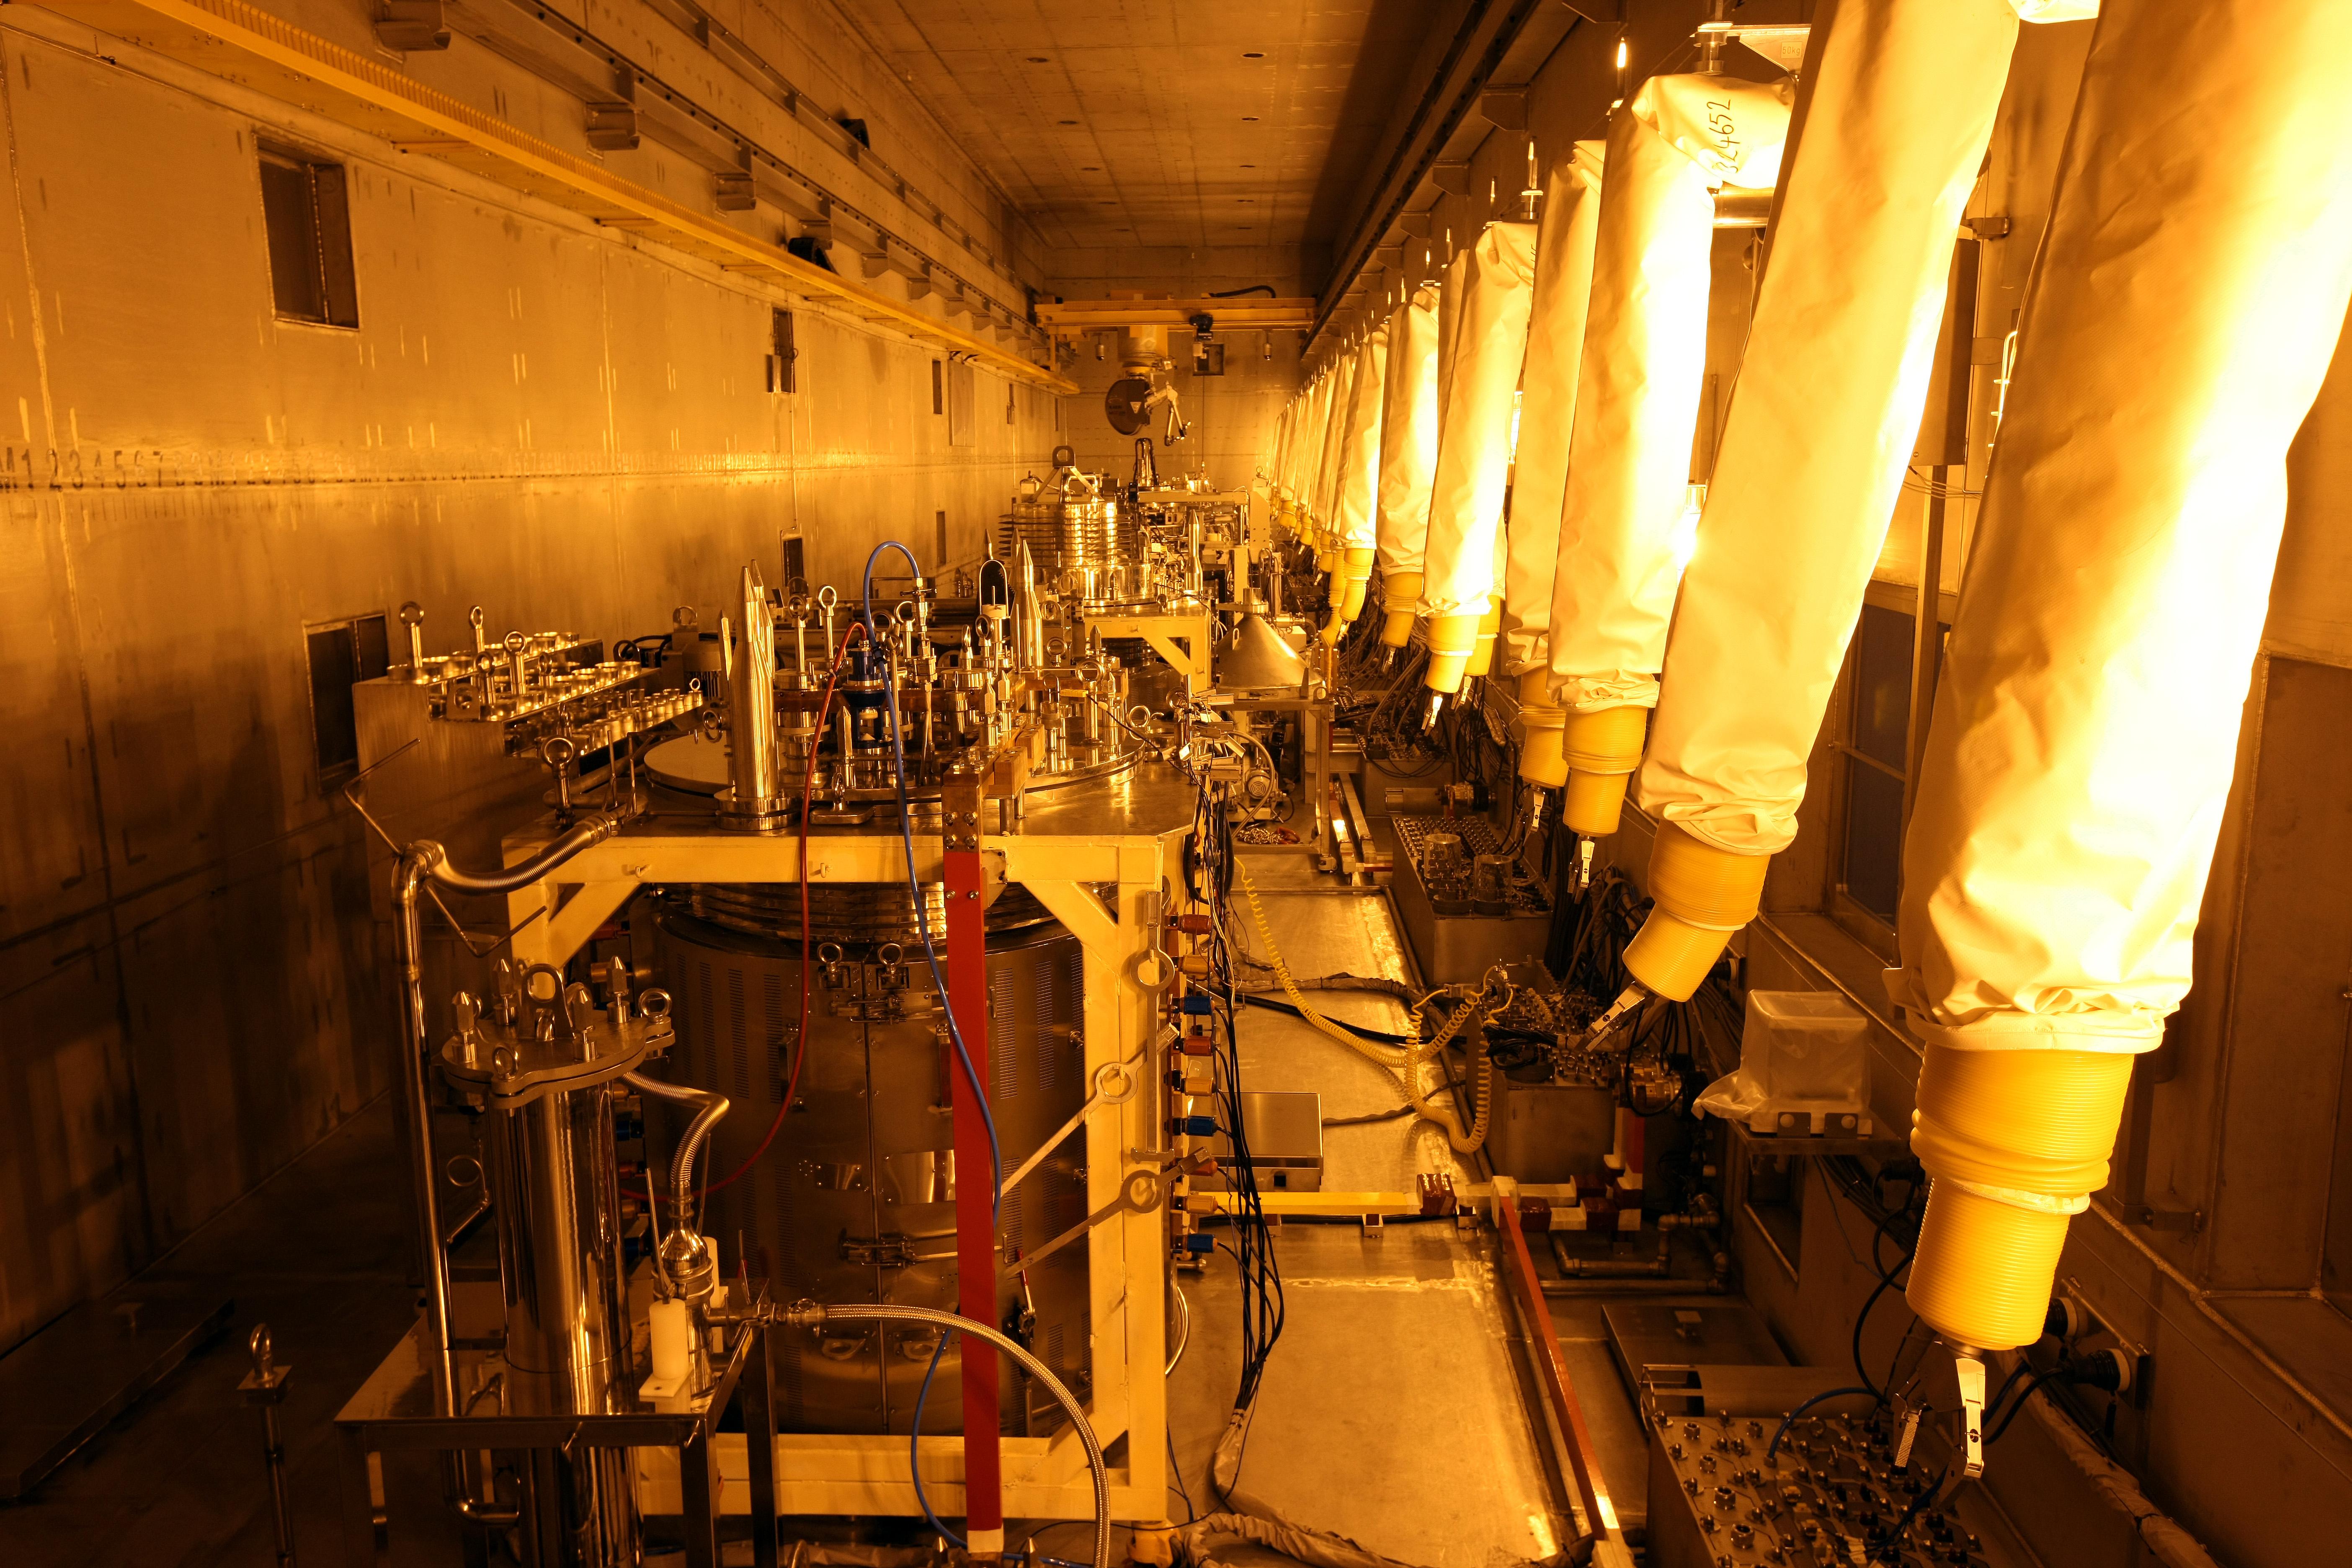 모의 핵연료를 이용해 파이로프로세싱 공정을 실험해 볼 수 있는 프라이드(PRIDE) 시설